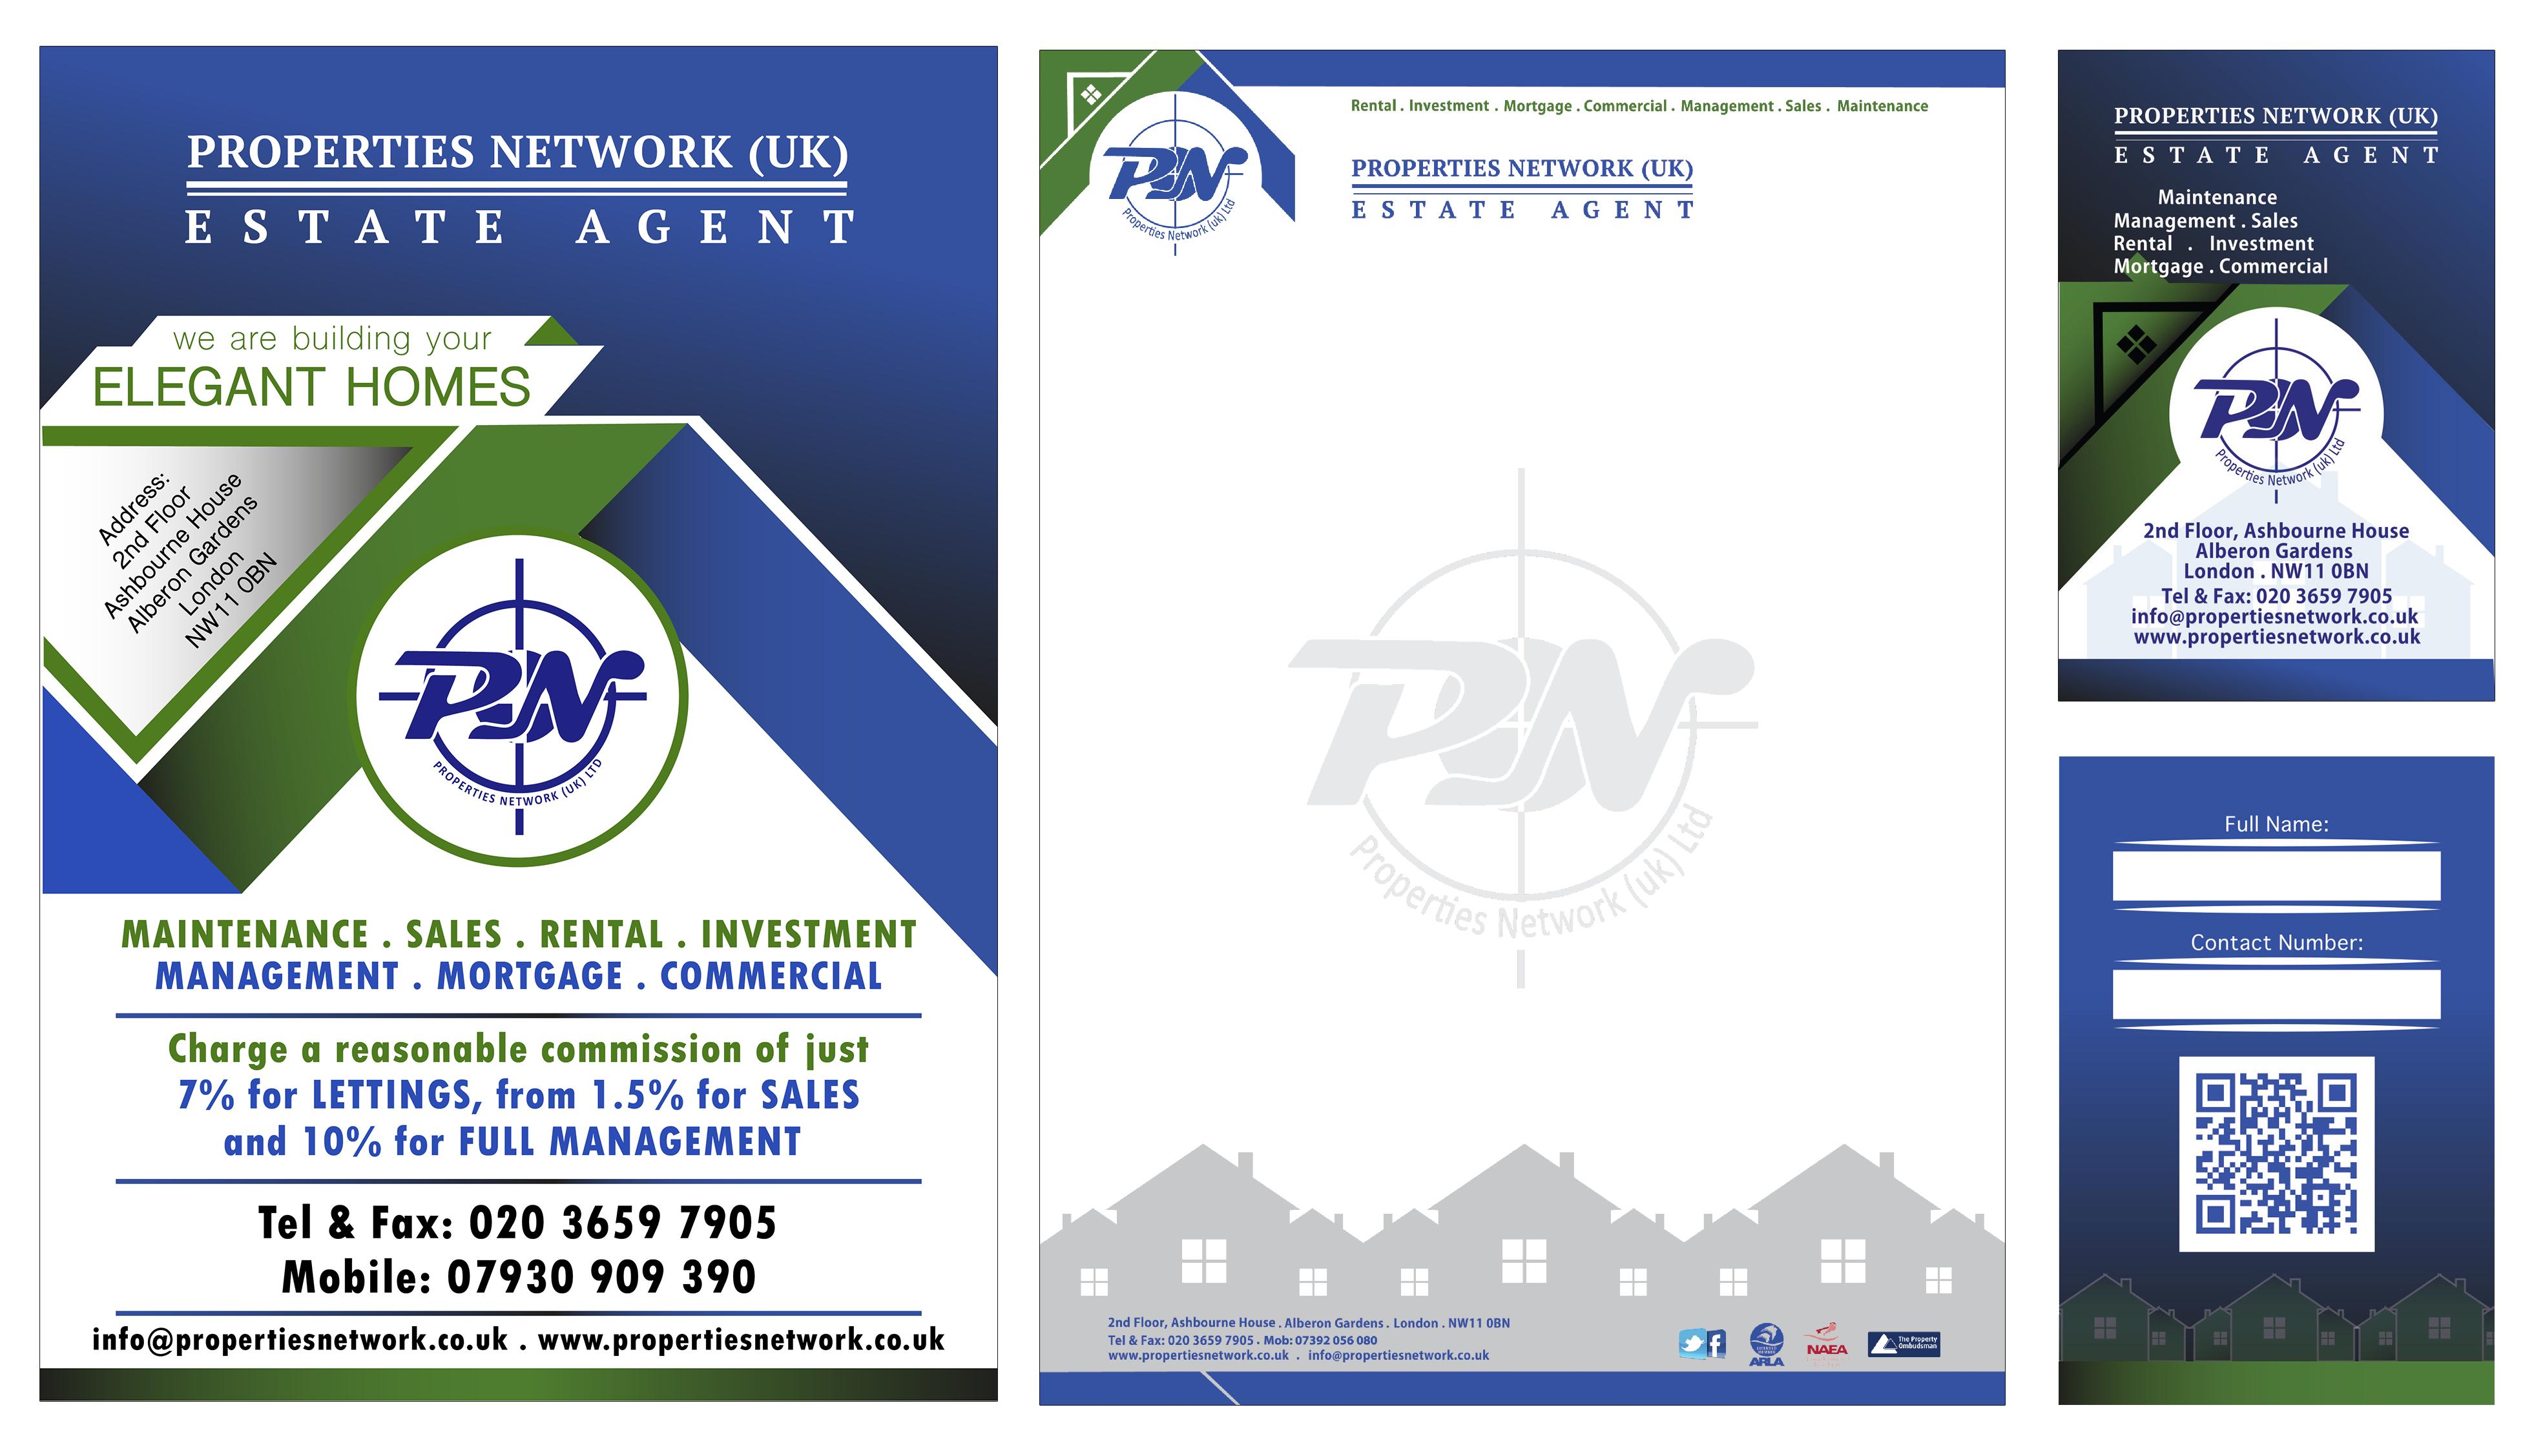 Properties Network Leaflet design, Elegant homes, Print